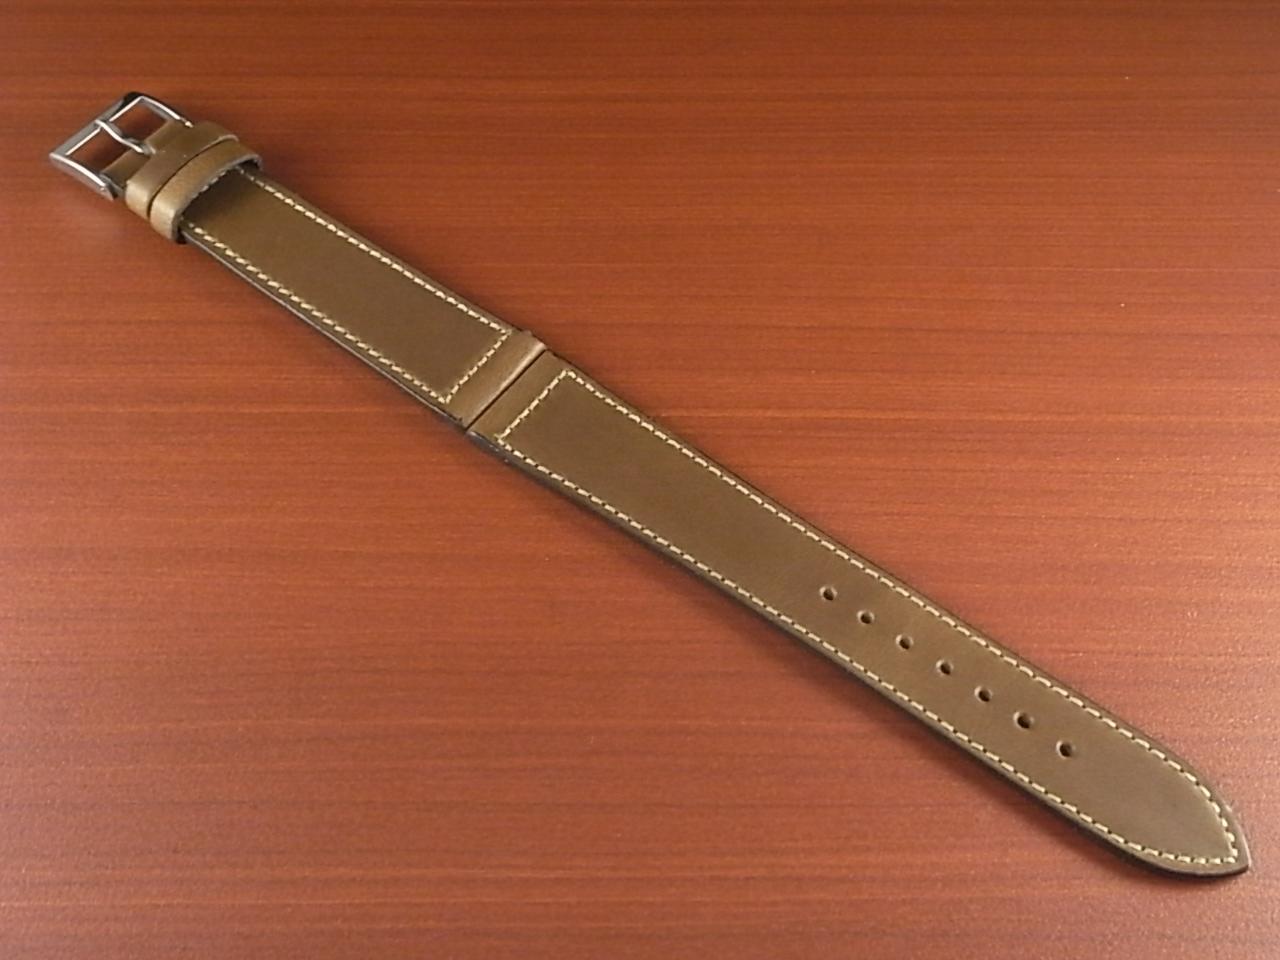 ホーウィン クロムエクセル レギュラー ナチュラル 16、17、18、19、20mmのメイン写真